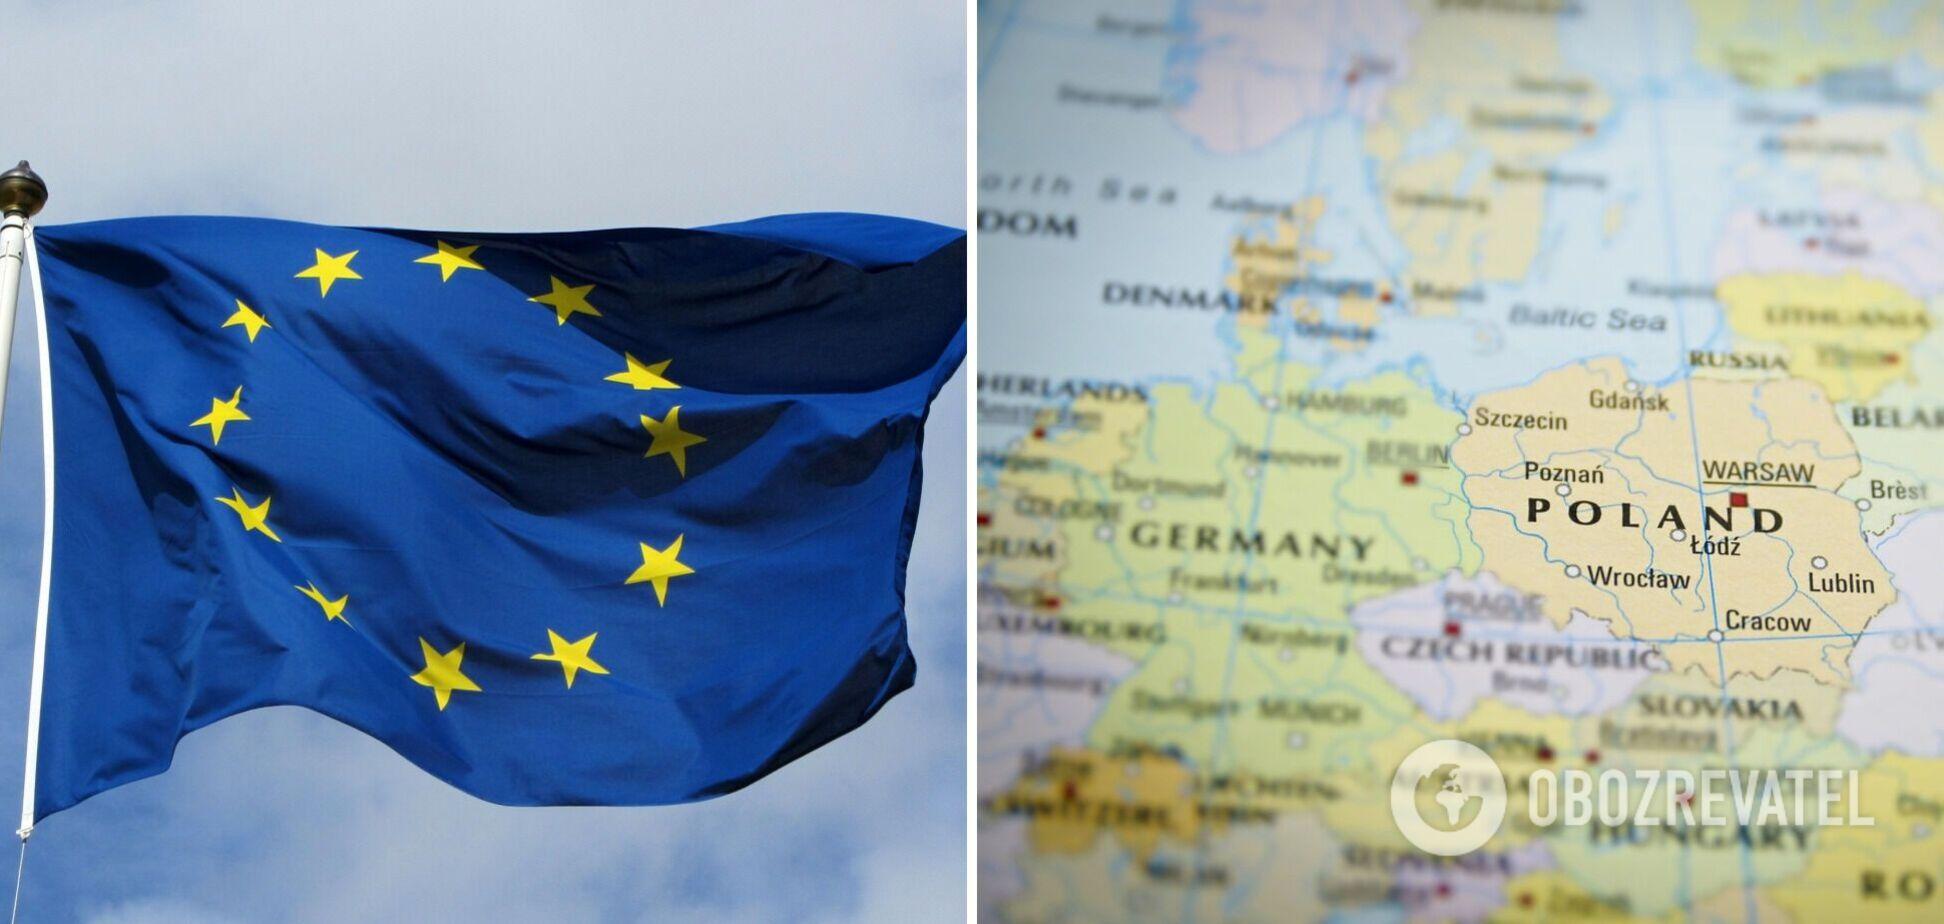 Євросоюз розробить єдину військову доктрину: названо терміни